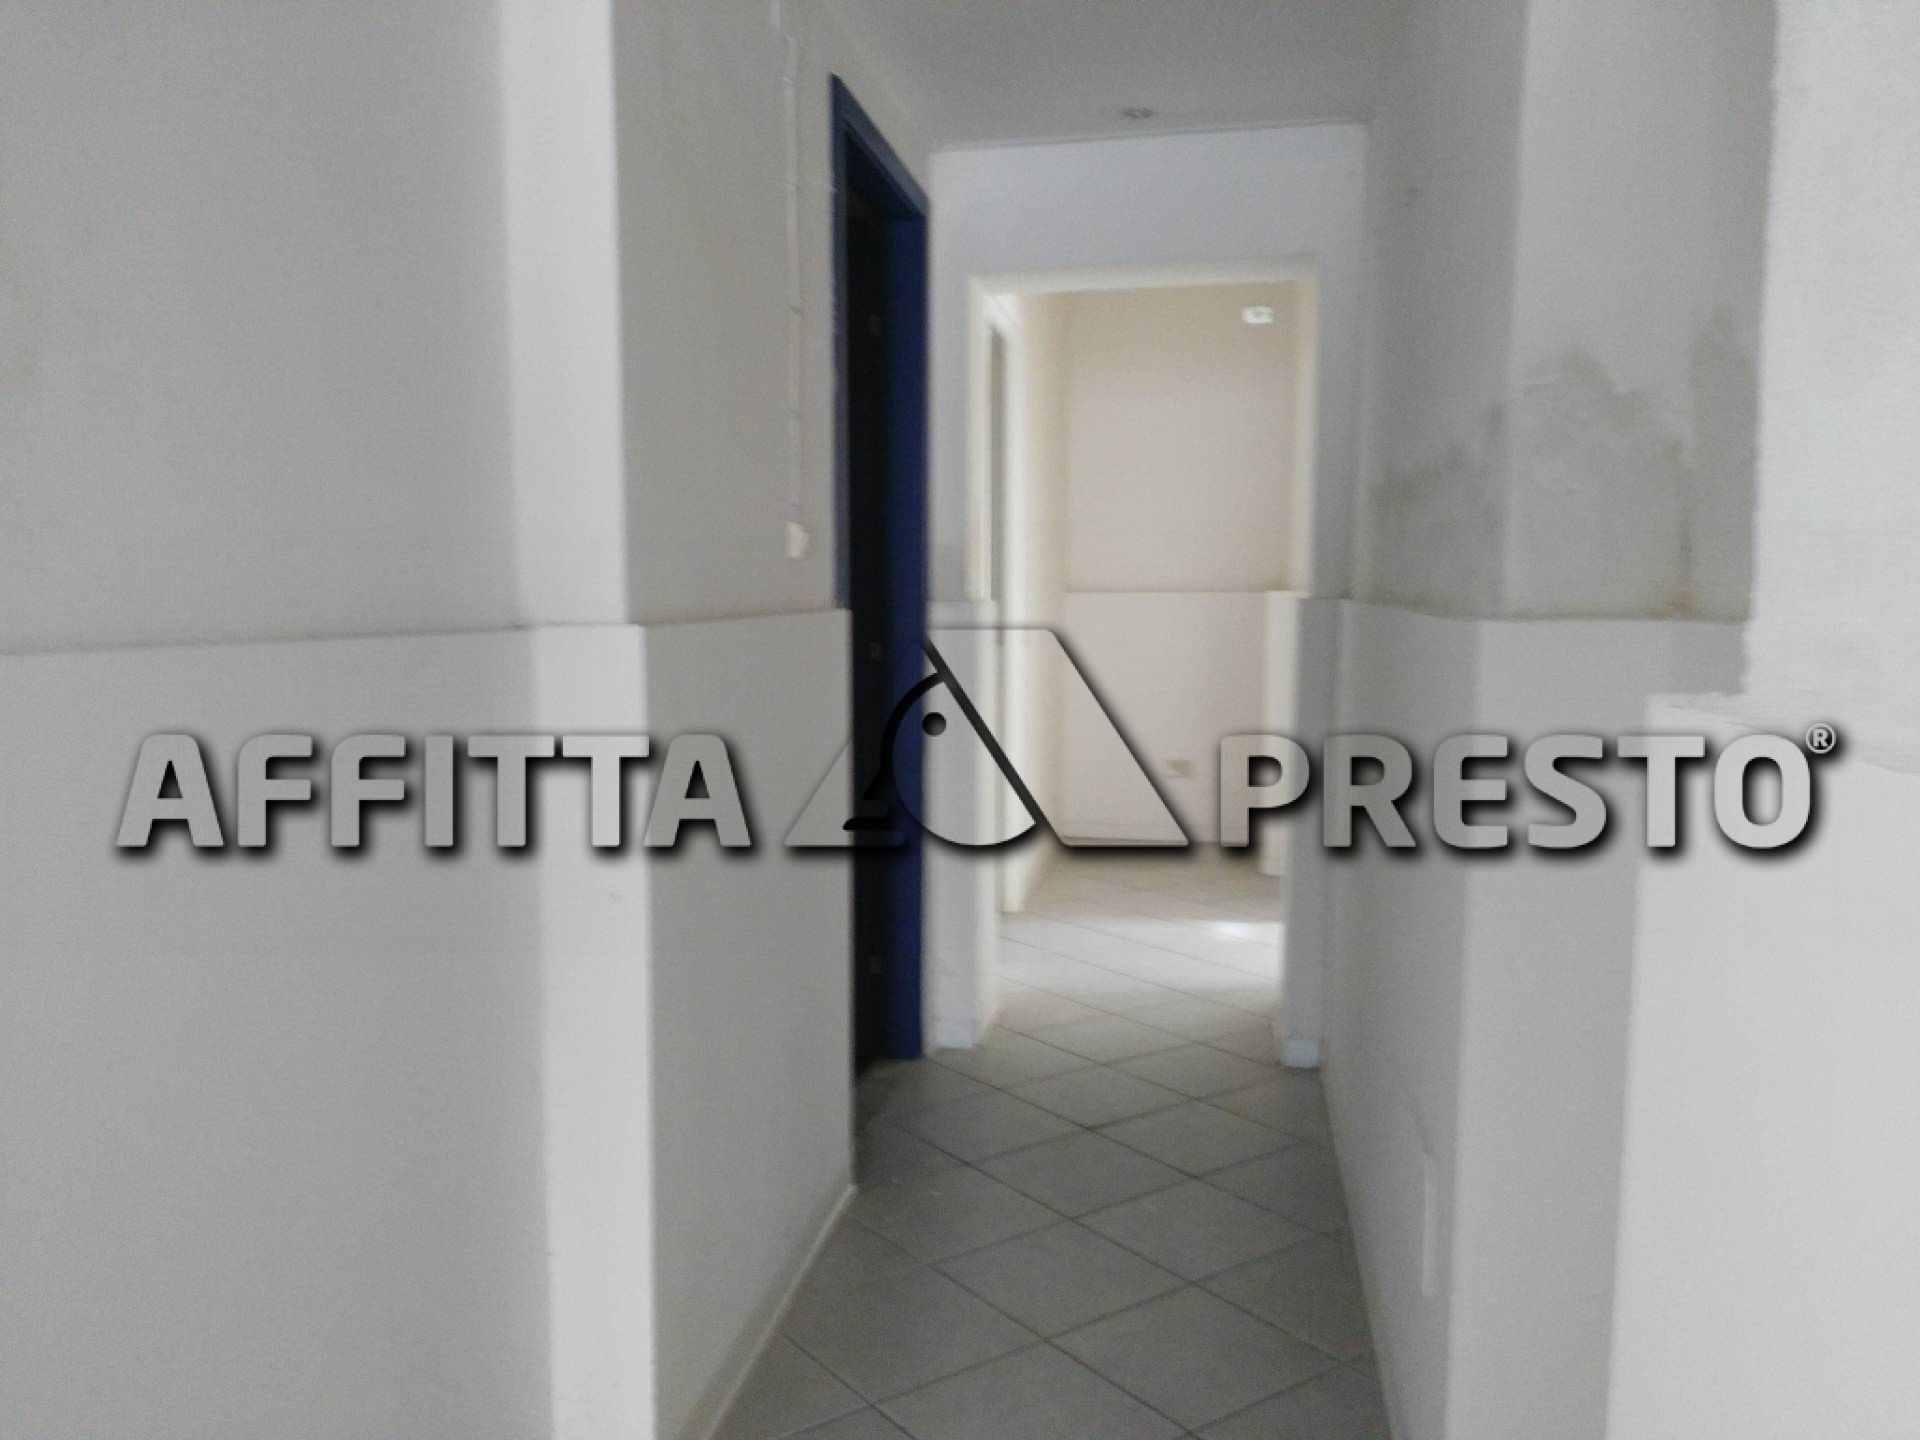 Attività commerciale in affitto a Pontedera (PI)